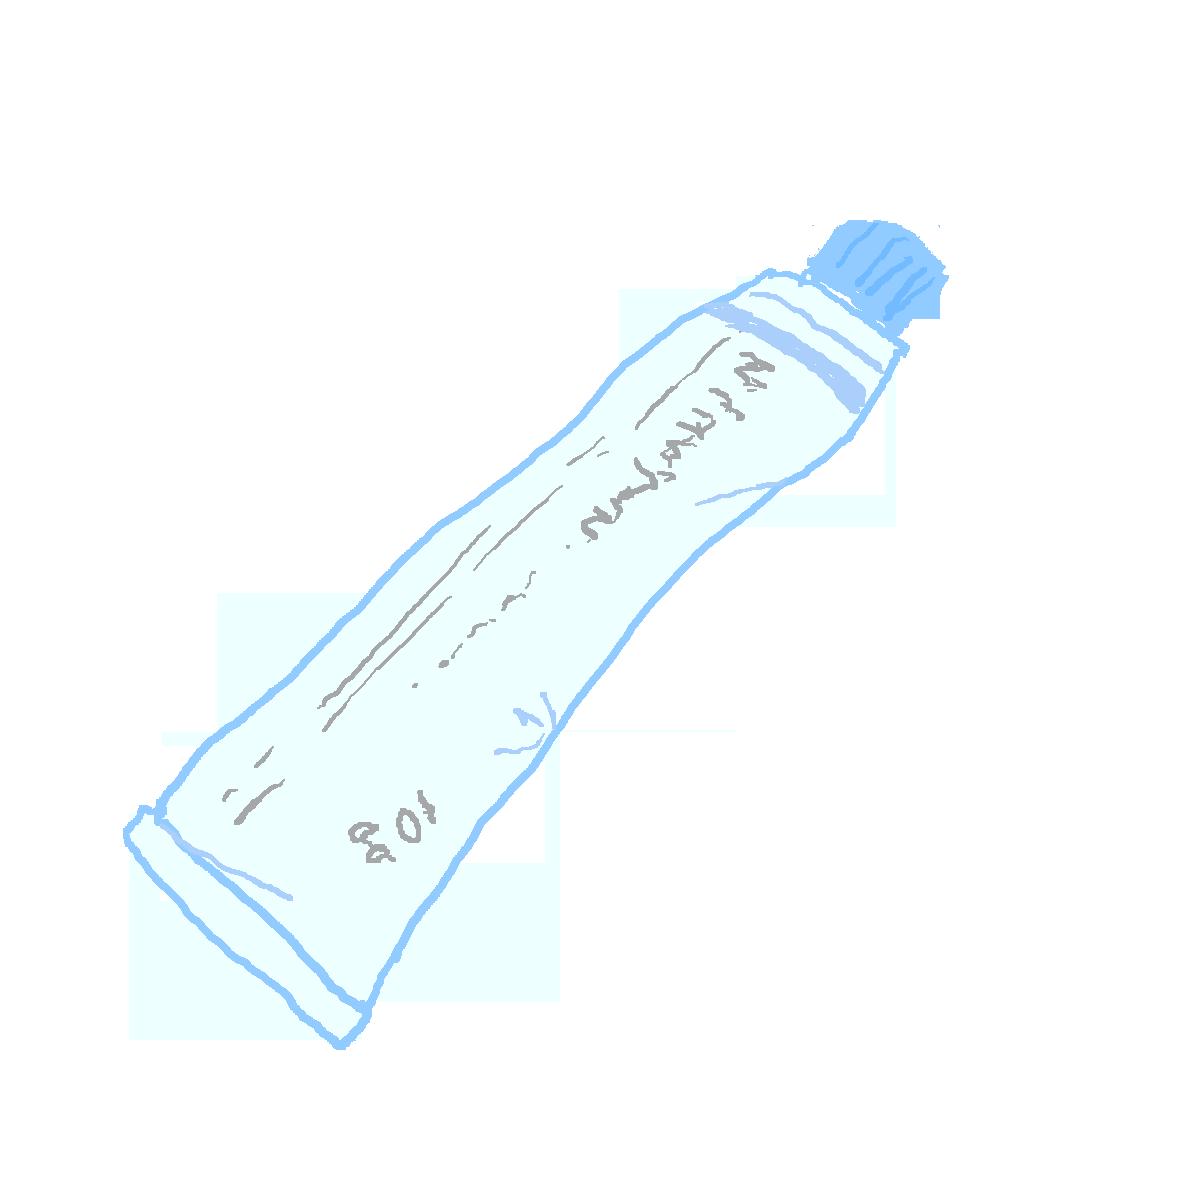 チューブ状の塗り薬